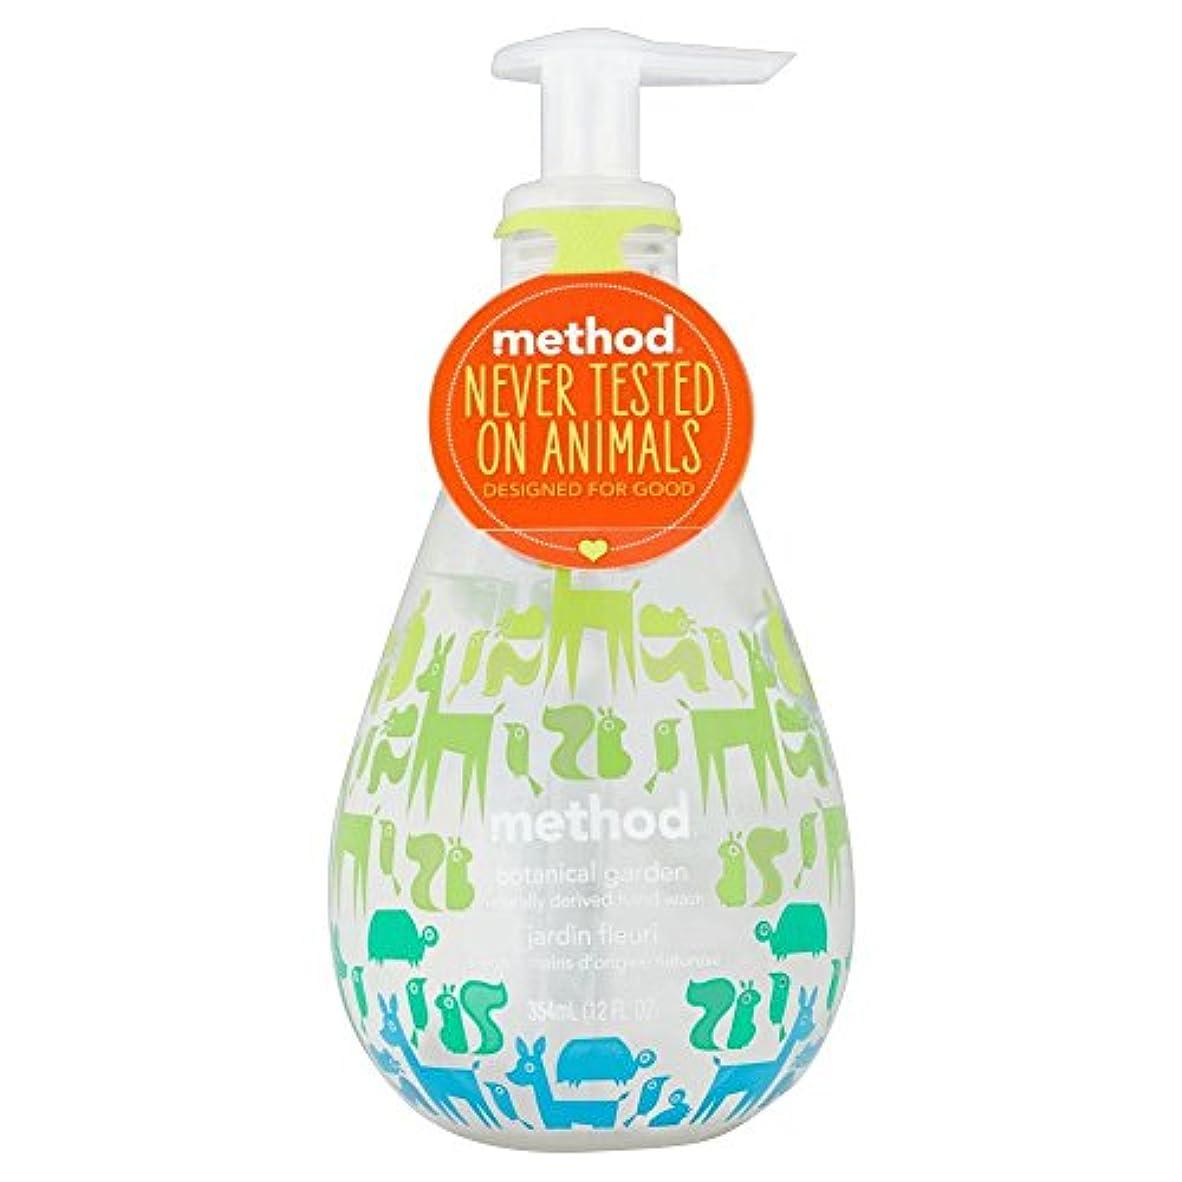 エンティティみすぼらしい有限Method Hand Wash - Botanical Garden (354ml) メソッドハンドウォッシュ - 植物園( 354ミリリットル) [並行輸入品]